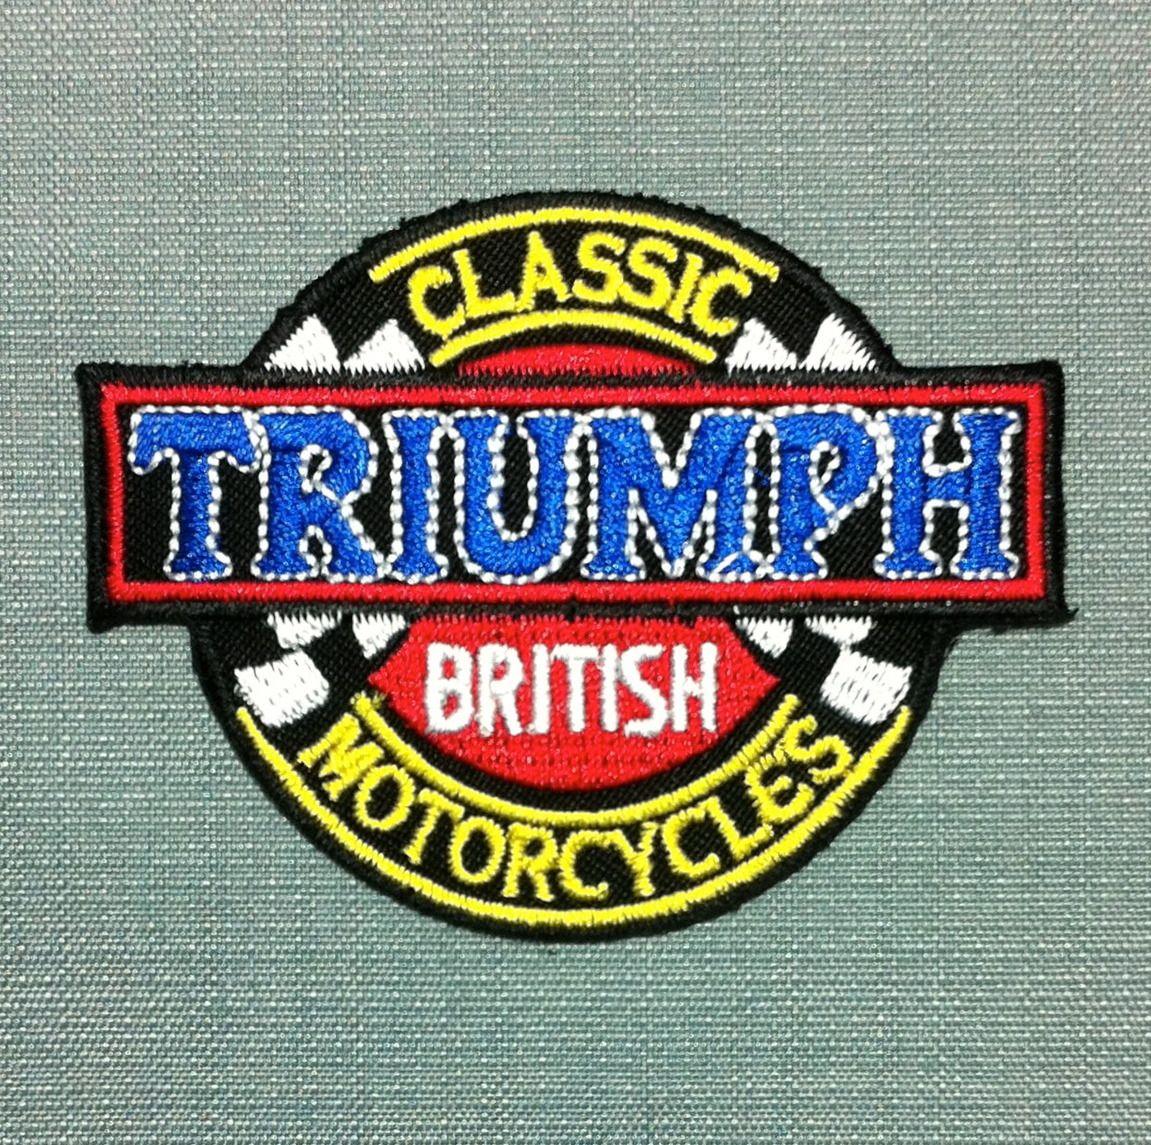 patch triumph moto anglaise britannique biker chopper courses racing ecusson brod applique badge thermocollant application